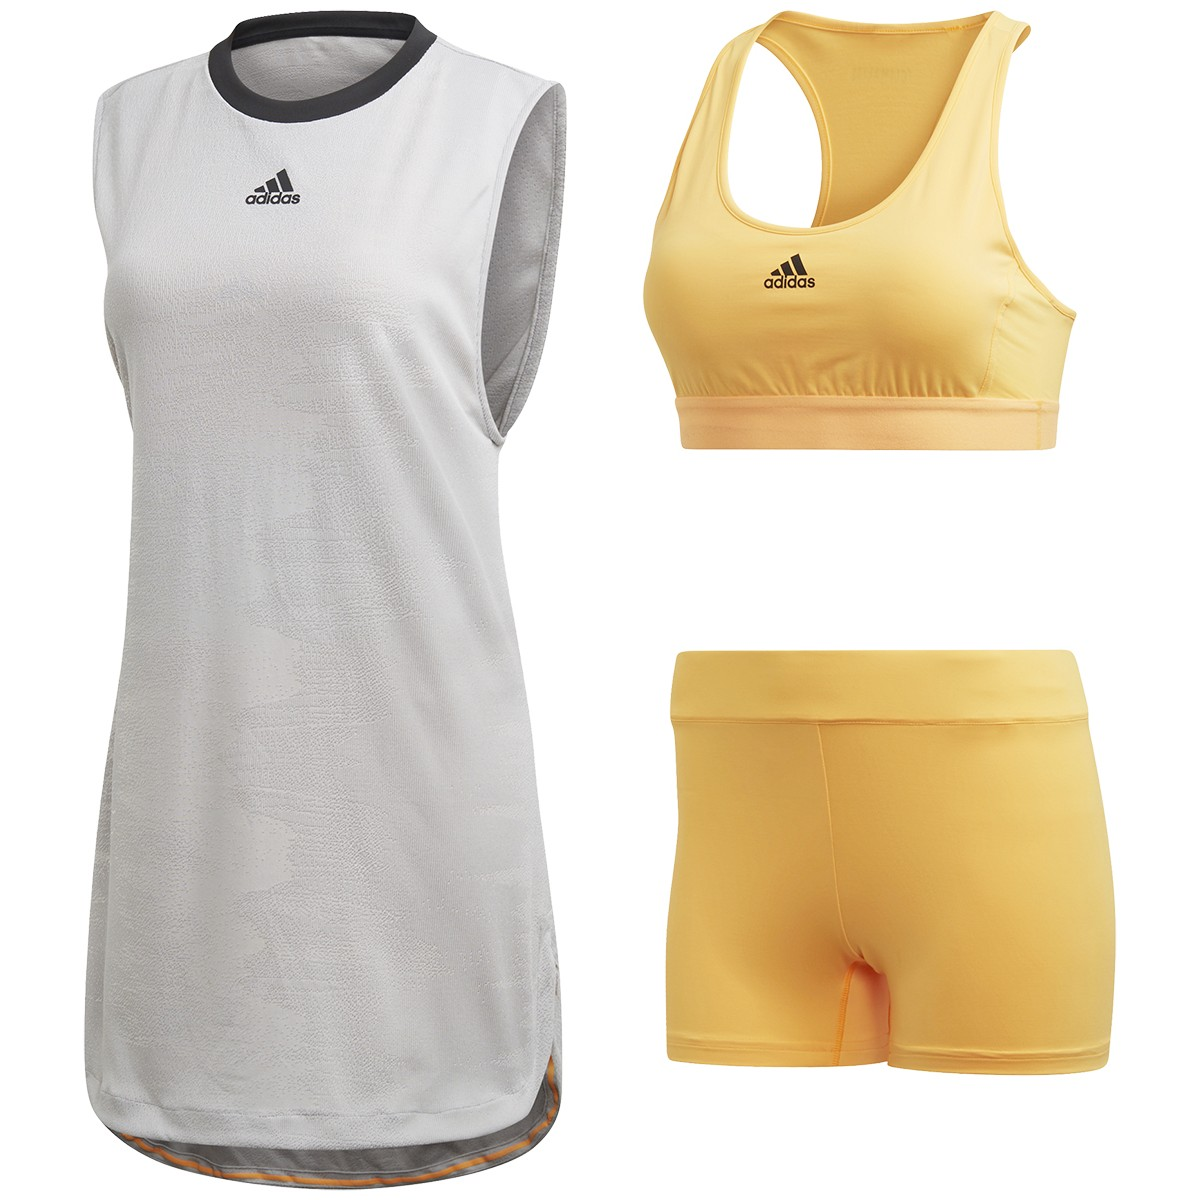 adidas donna abbigliamento vestiti